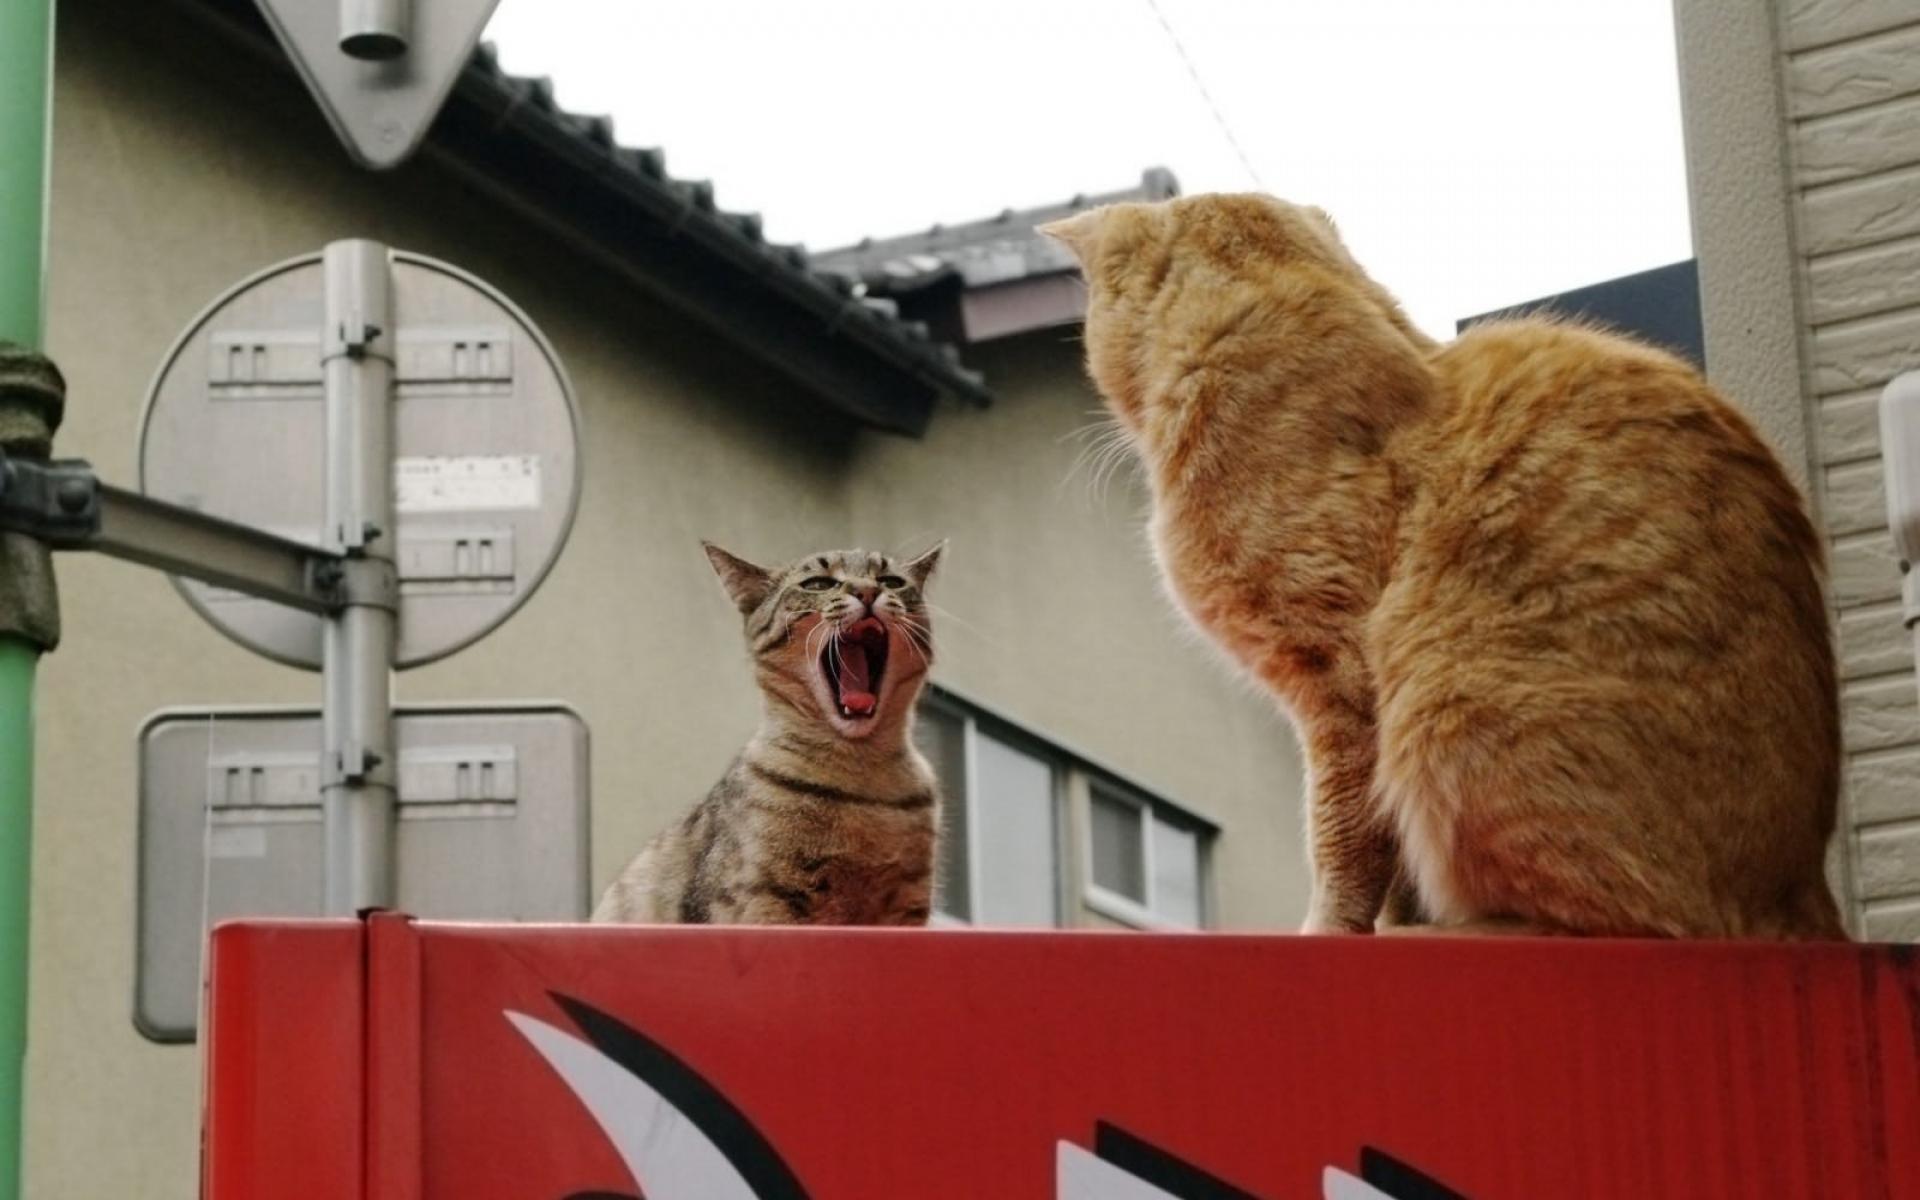 Картинки кошки, борьба, крик, пара фото и обои на рабочий стол